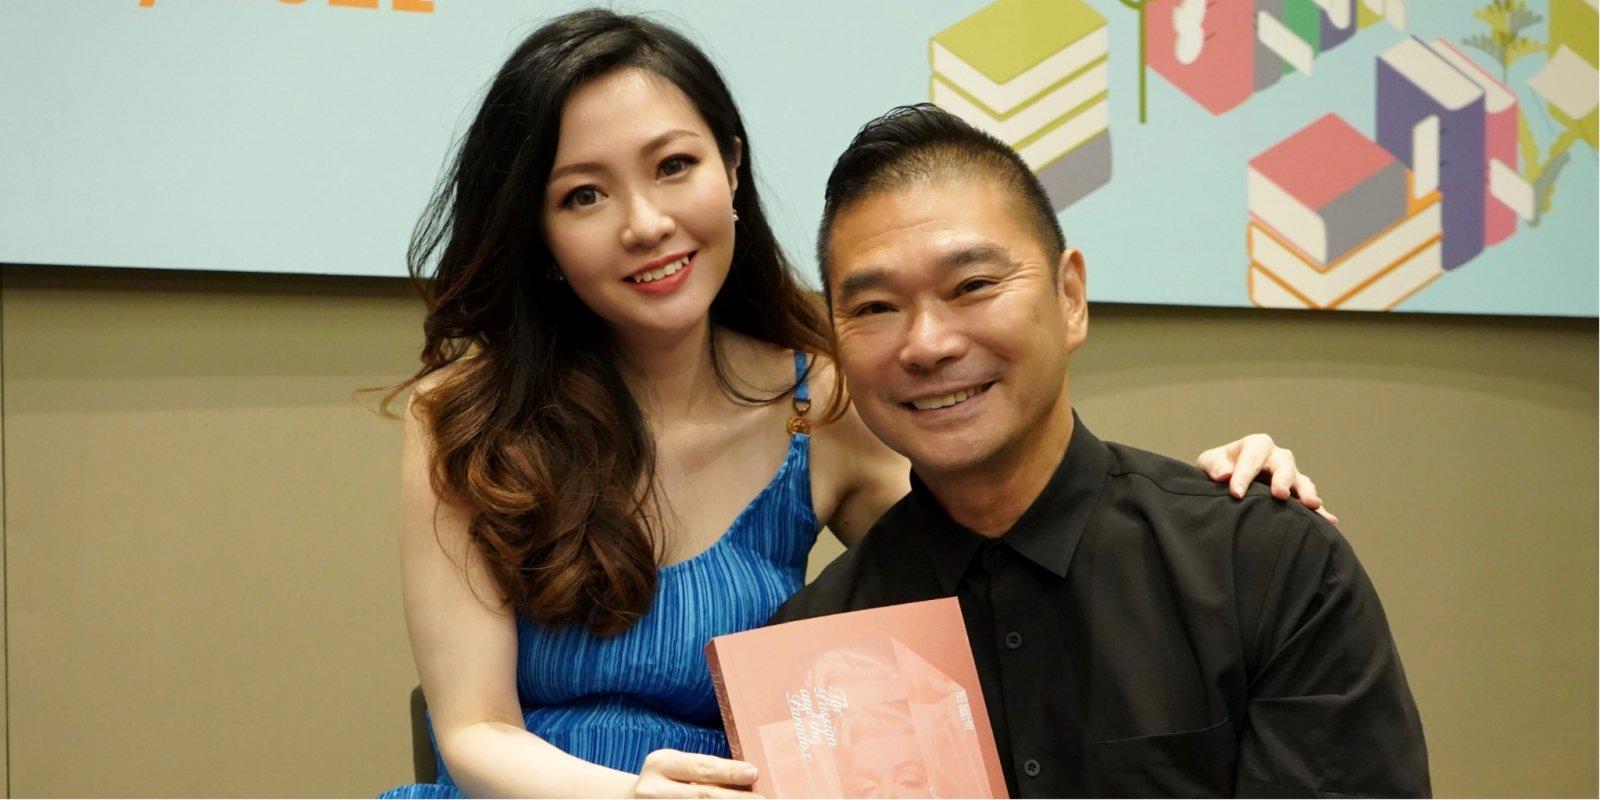 前TVB新聞小花鄧蓓佳譯作《瑪麗蓮·夢露》登上暢銷書榜